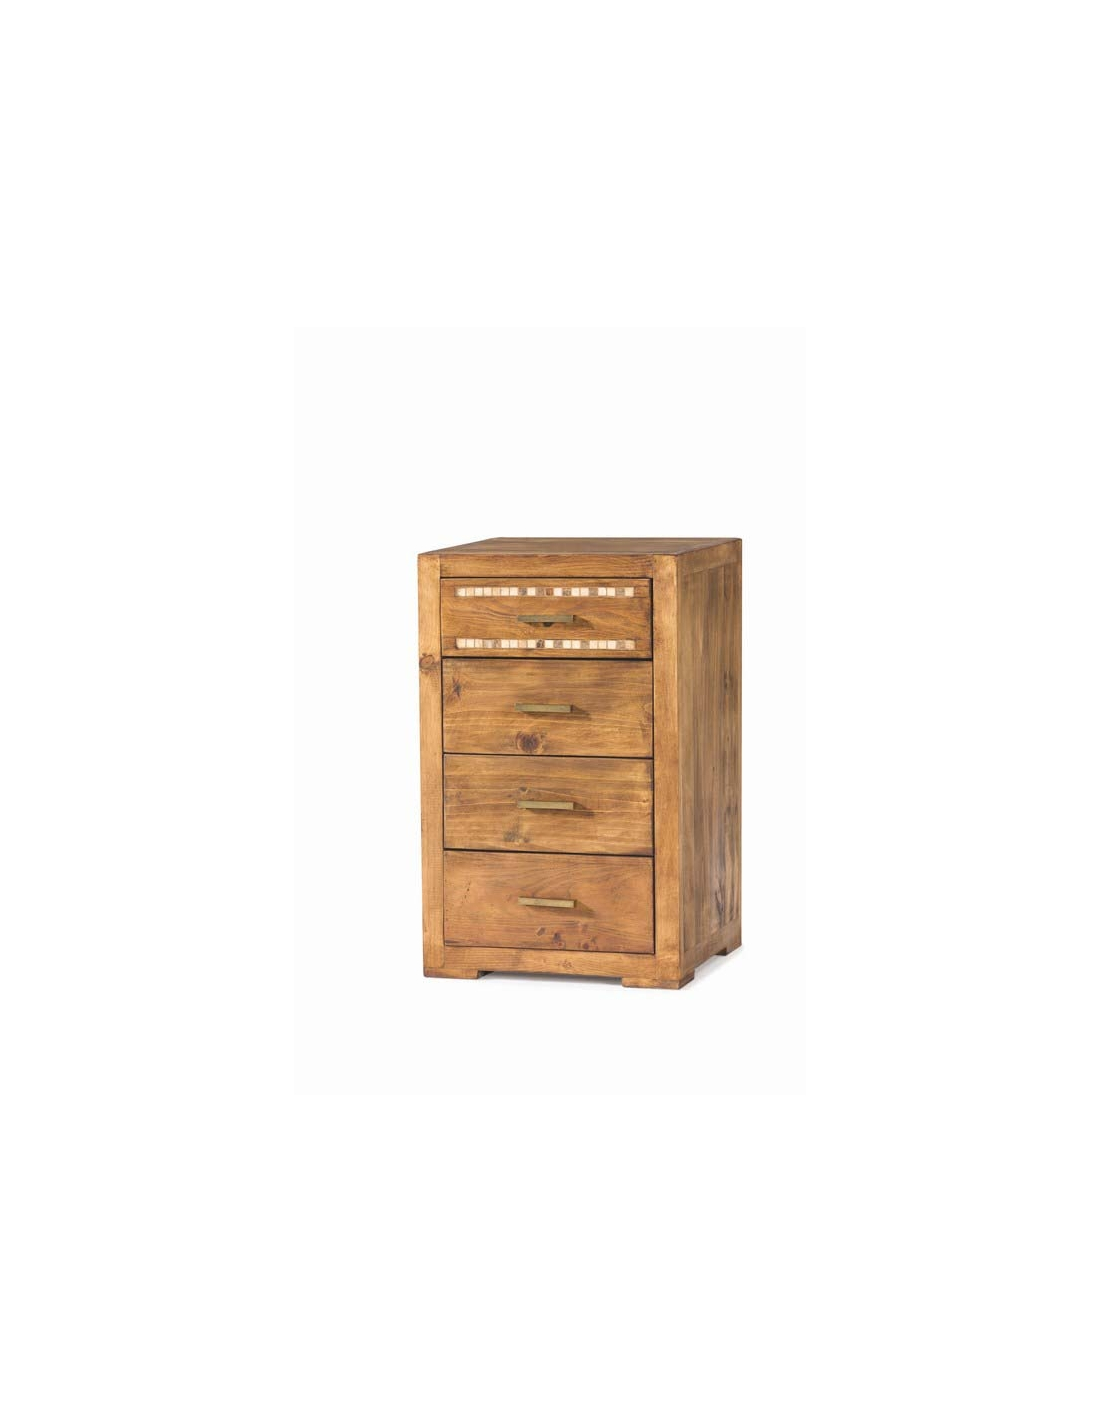 Comprar mueble auxiliar estilo rustico madera cuatro for Mueble auxiliar dormitorio